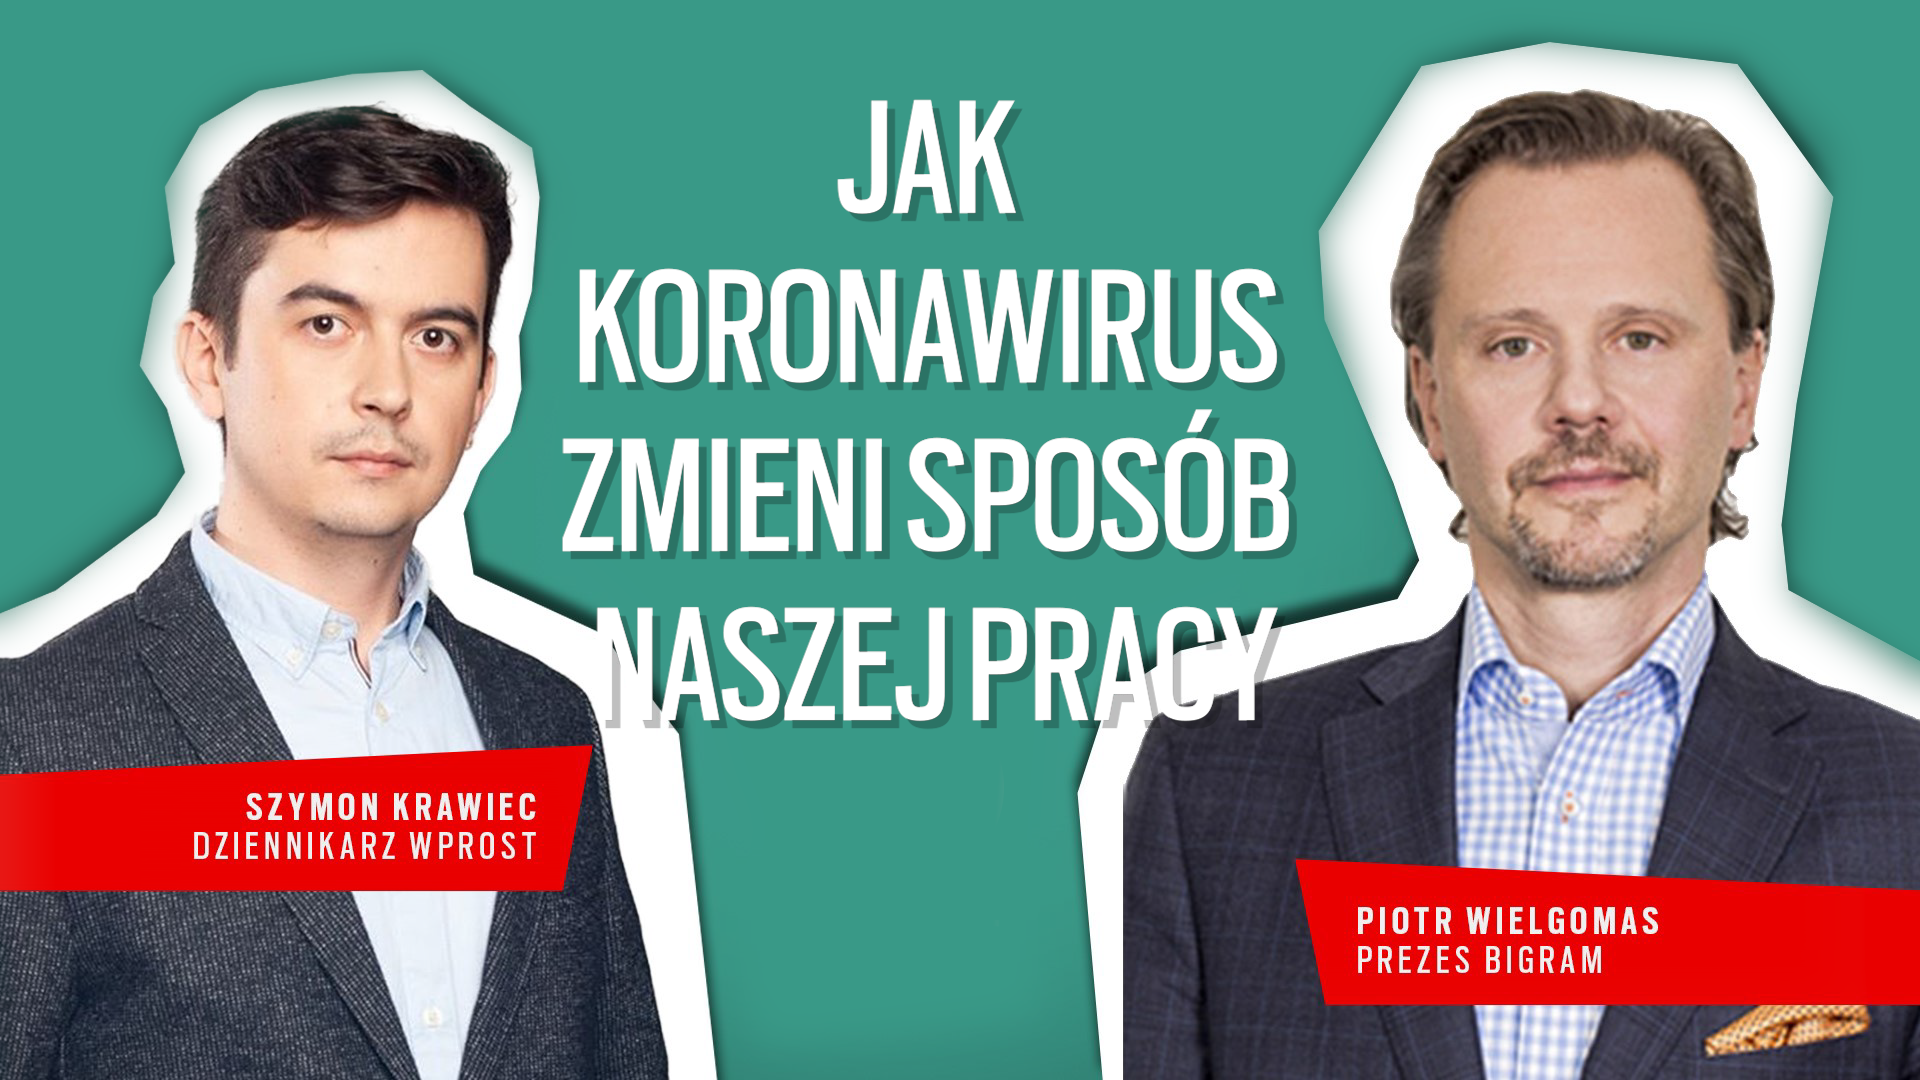 Piotr Wielgomas, prezes Bigram w rozmowie o perspektywach dla polskiego rynku pracy